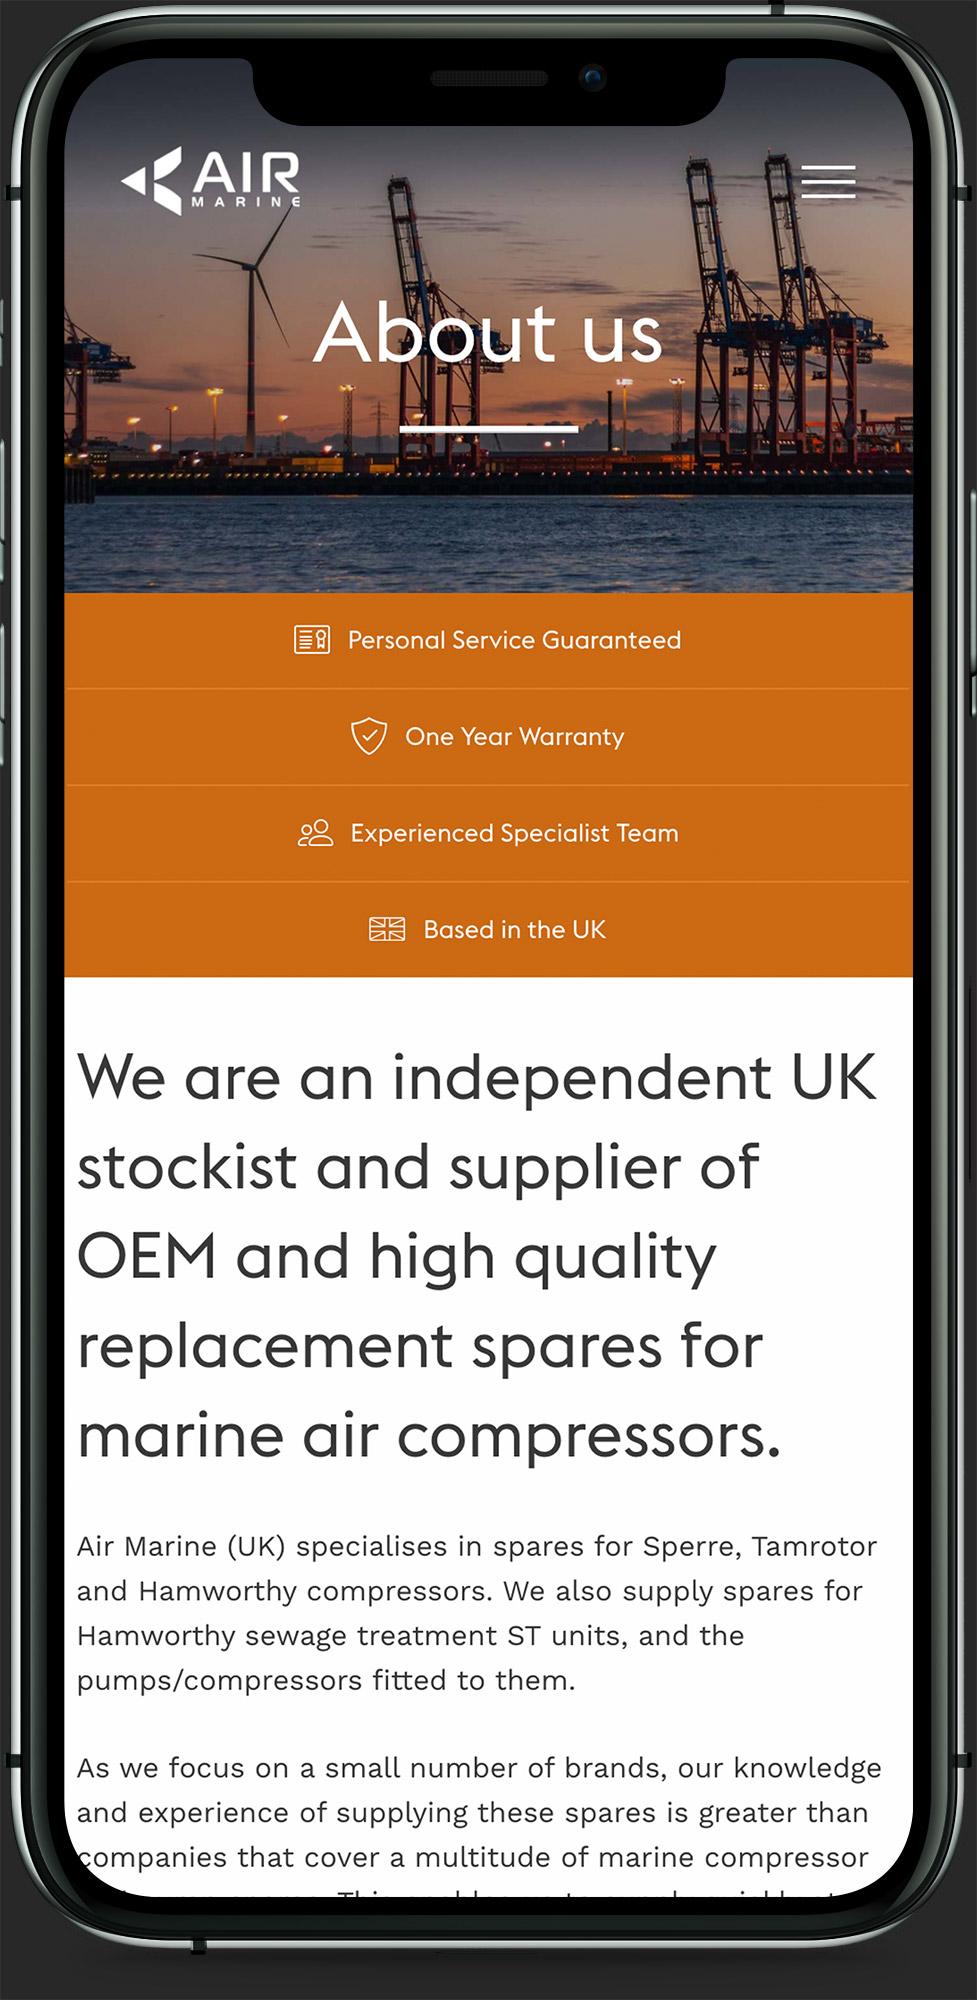 Air Marine UK - Responsive Design